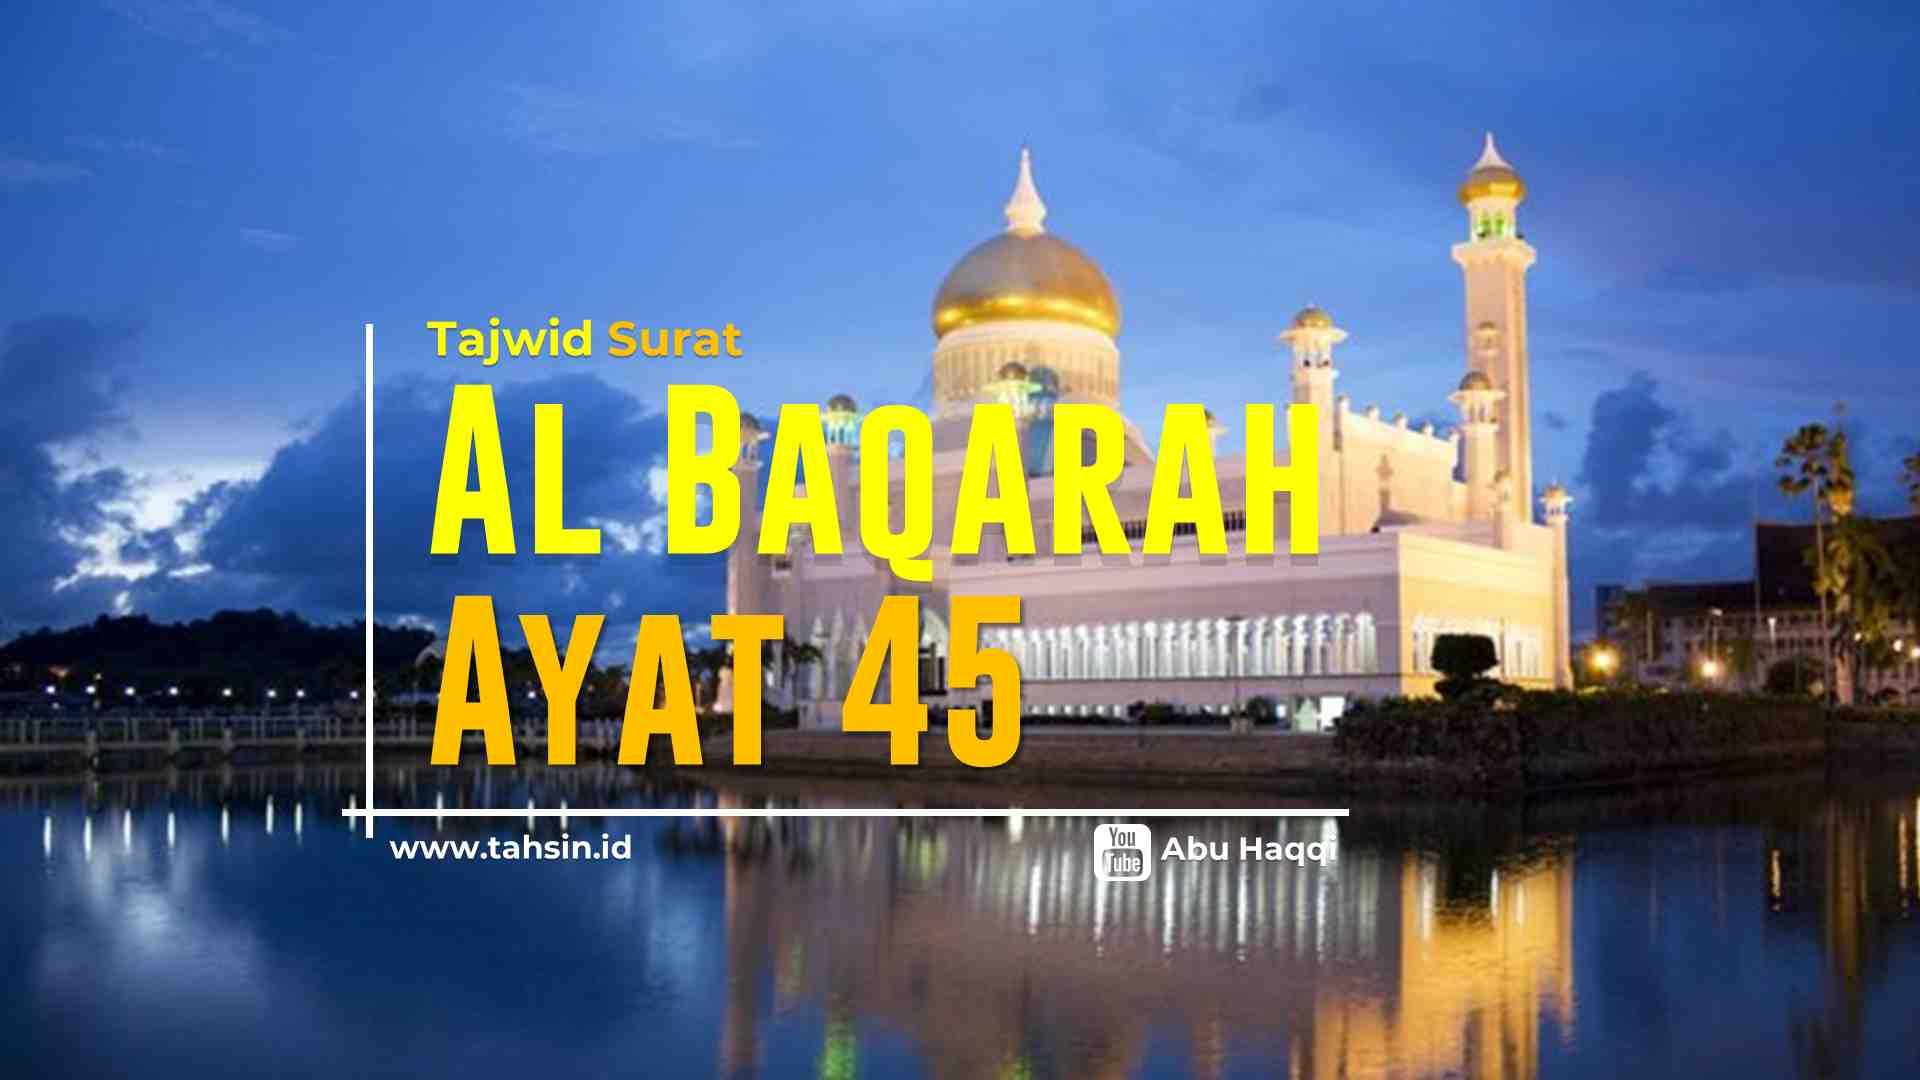 Tajwid surat Al Baqarah ayat 45